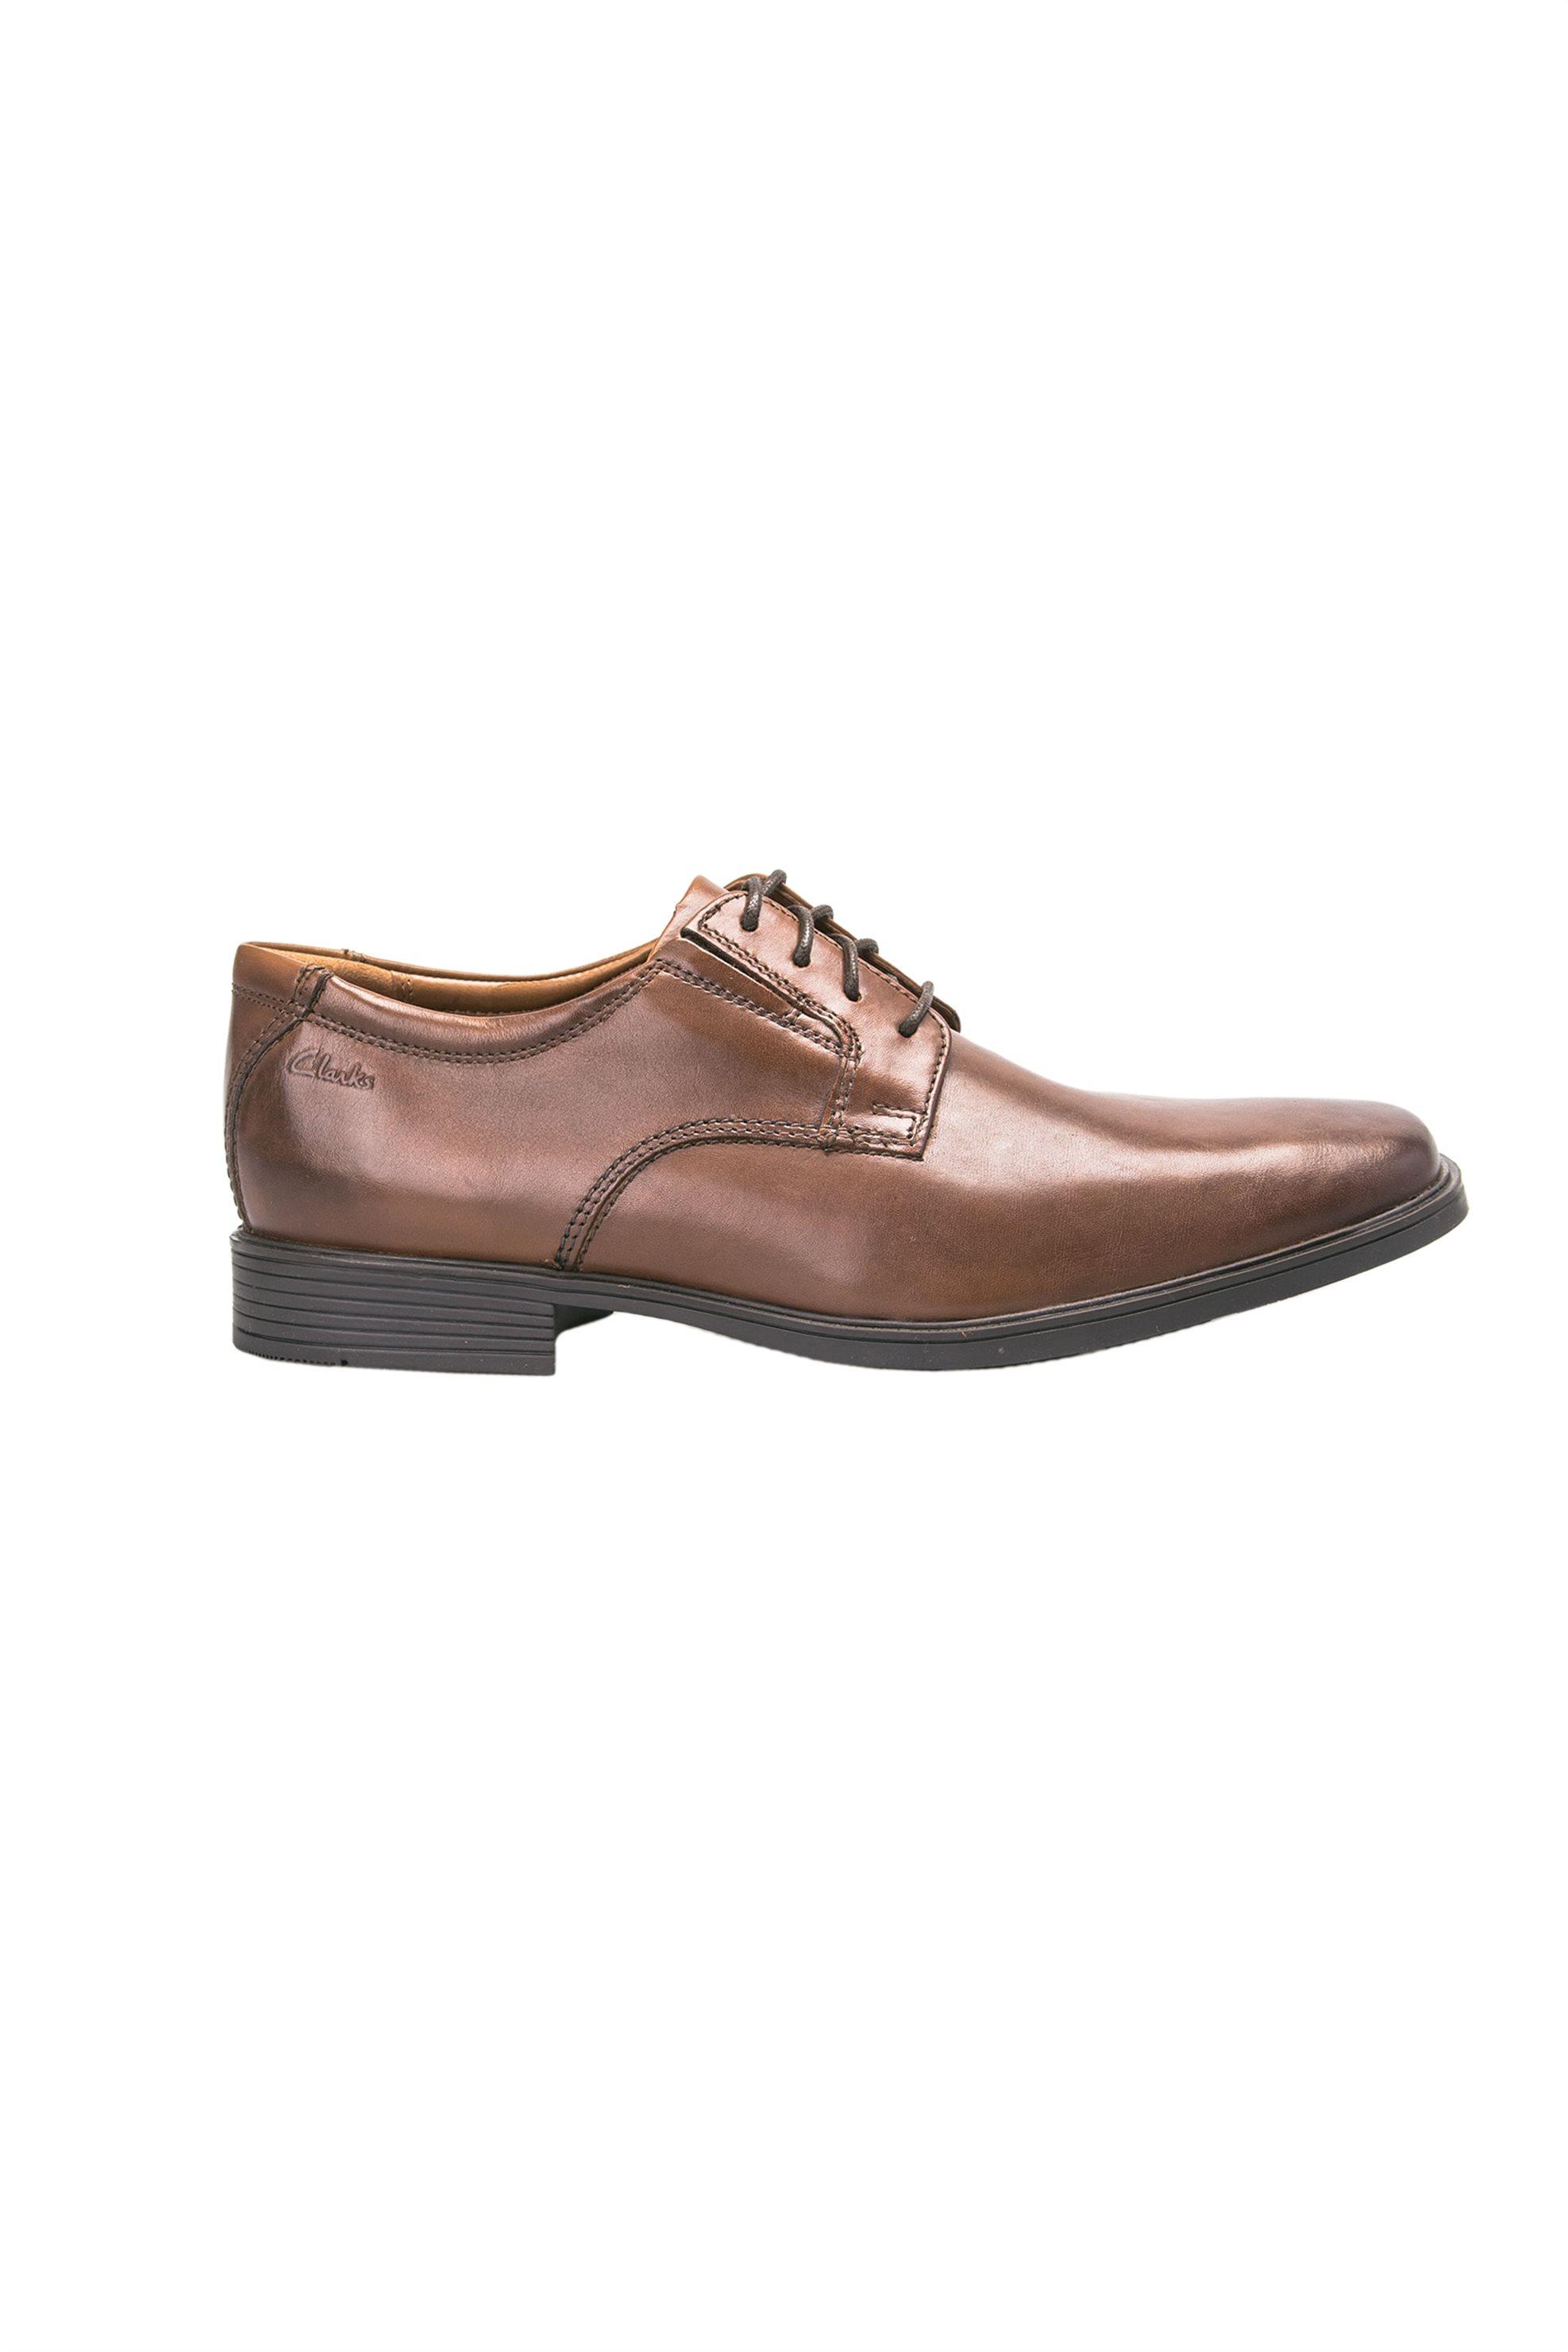 Notos Ανδρικά παπούτσια Tilden Plain Clarks – 261300977070 – Καφέ d76be3b0c0d